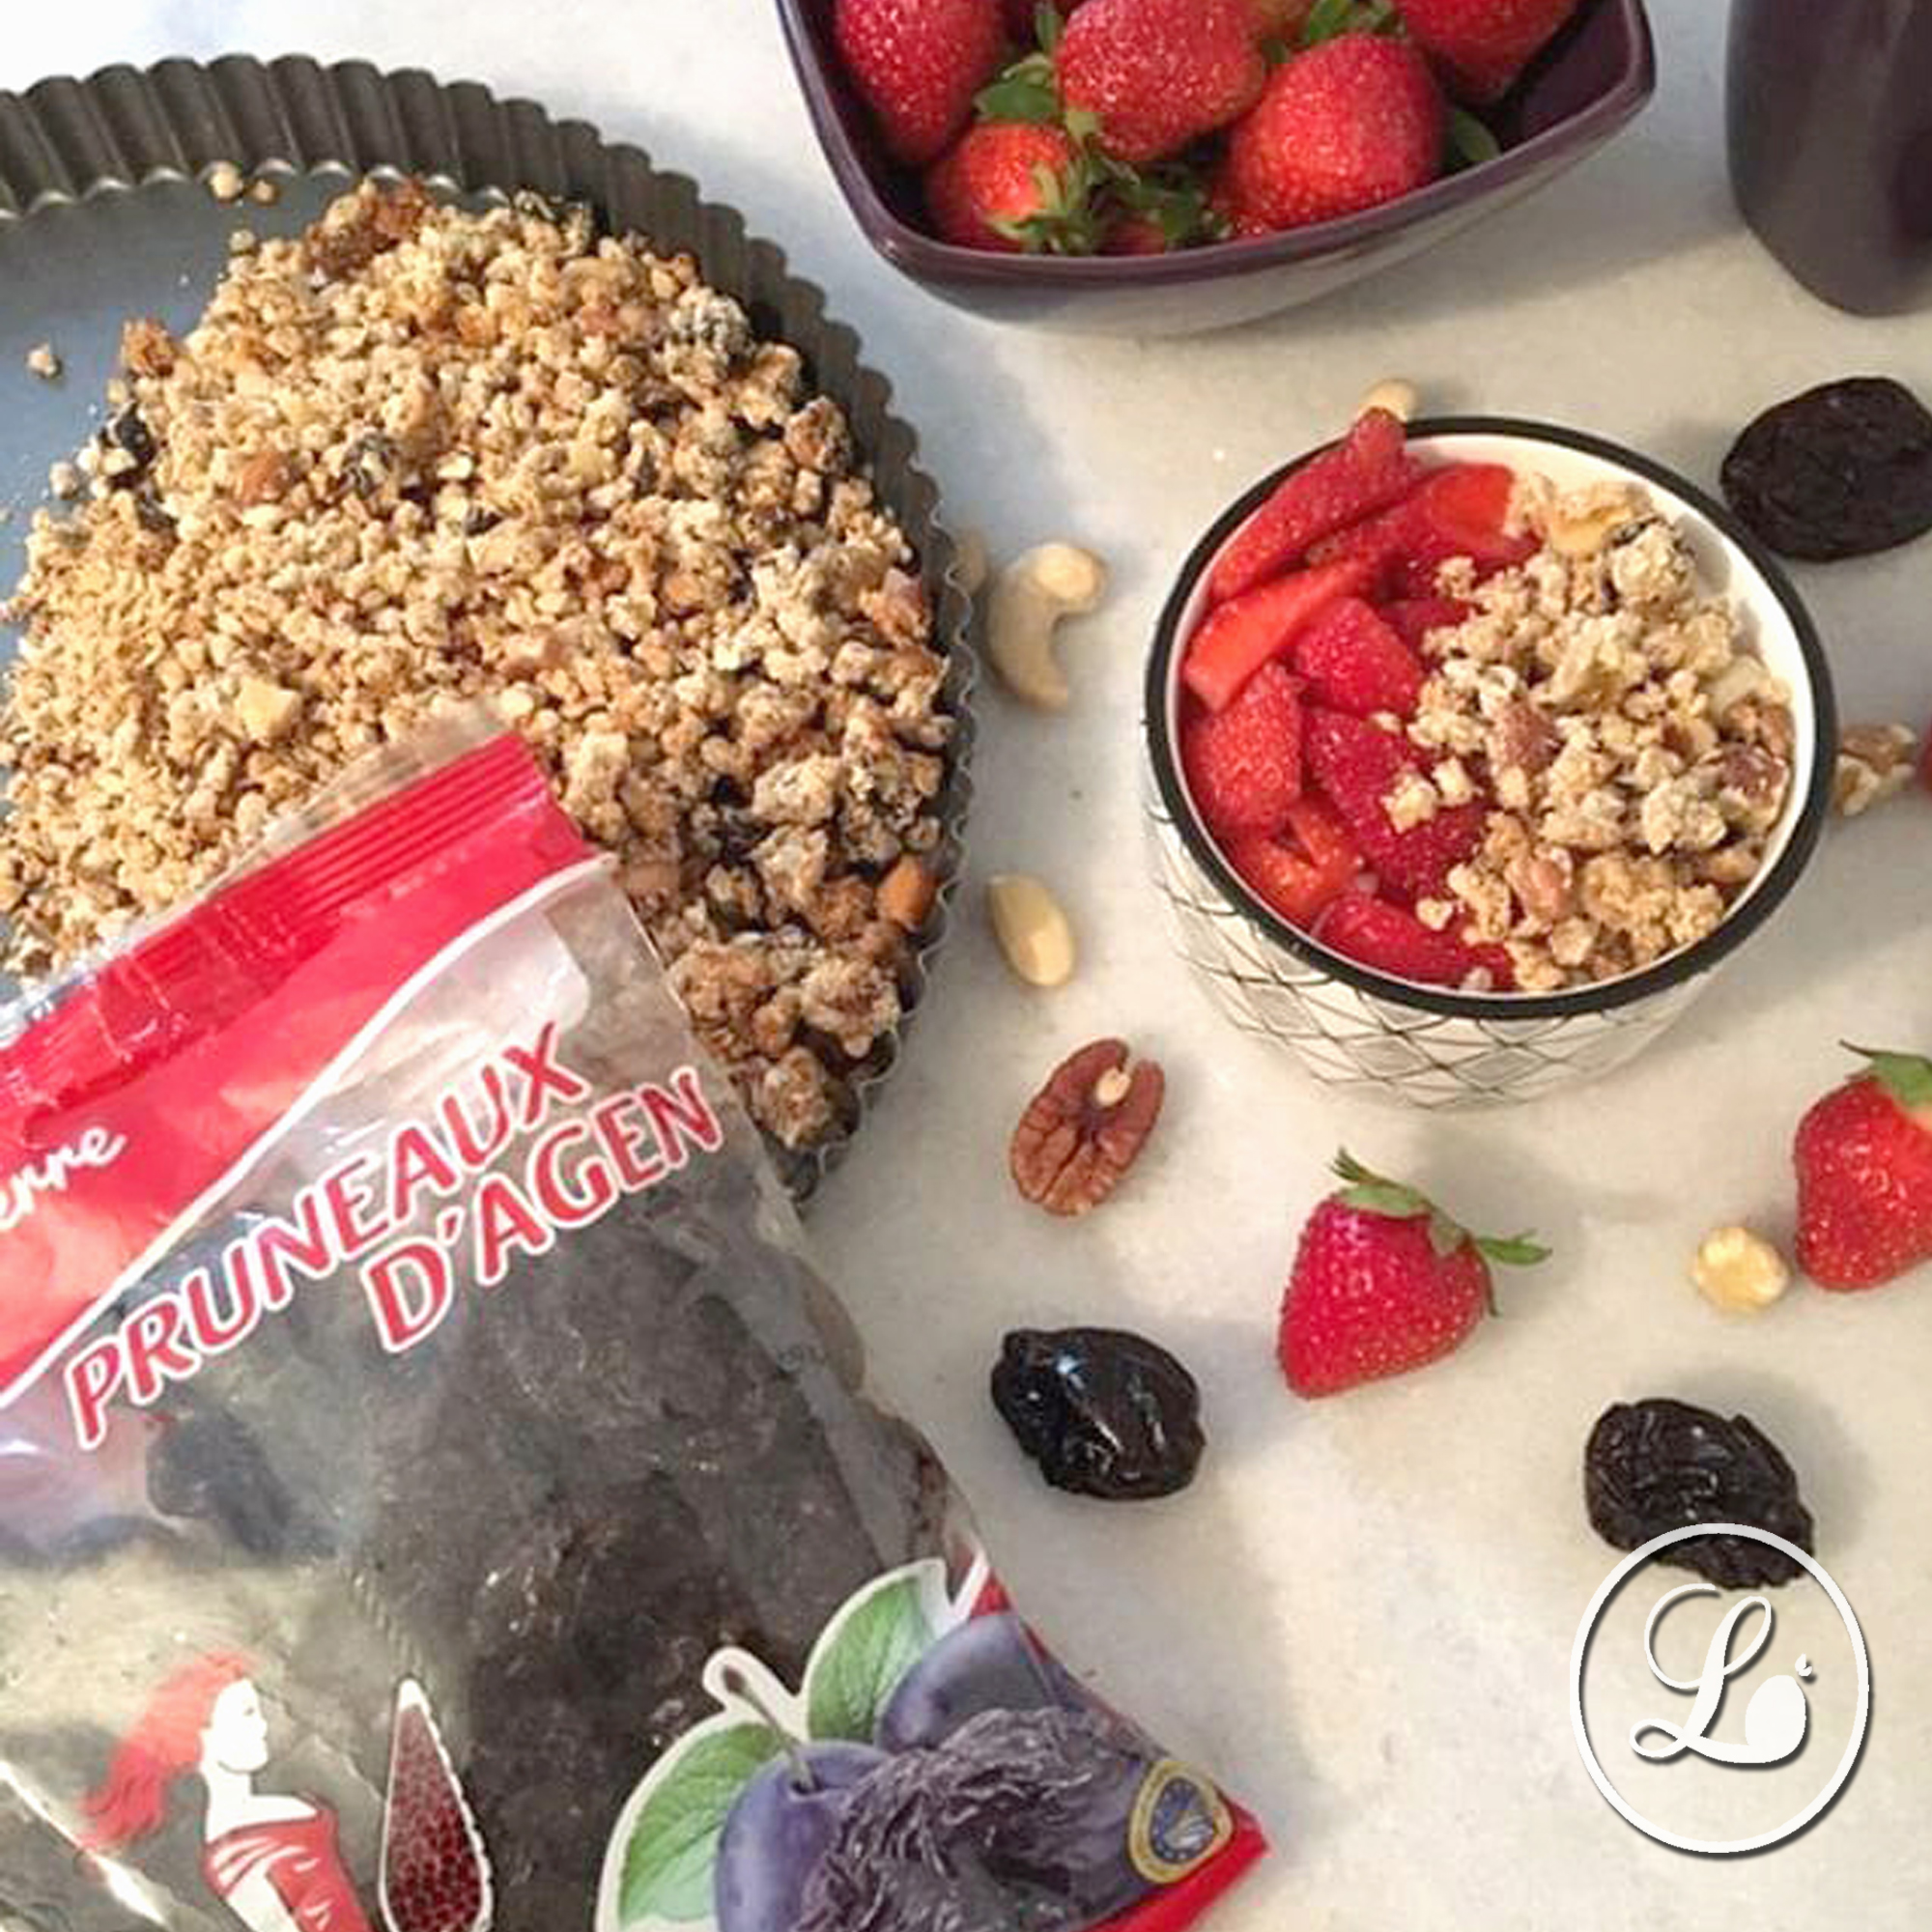 actualité Recette : Granola gourmand aux pruneaux d'Agen dénoyautés et aux fruits secs.